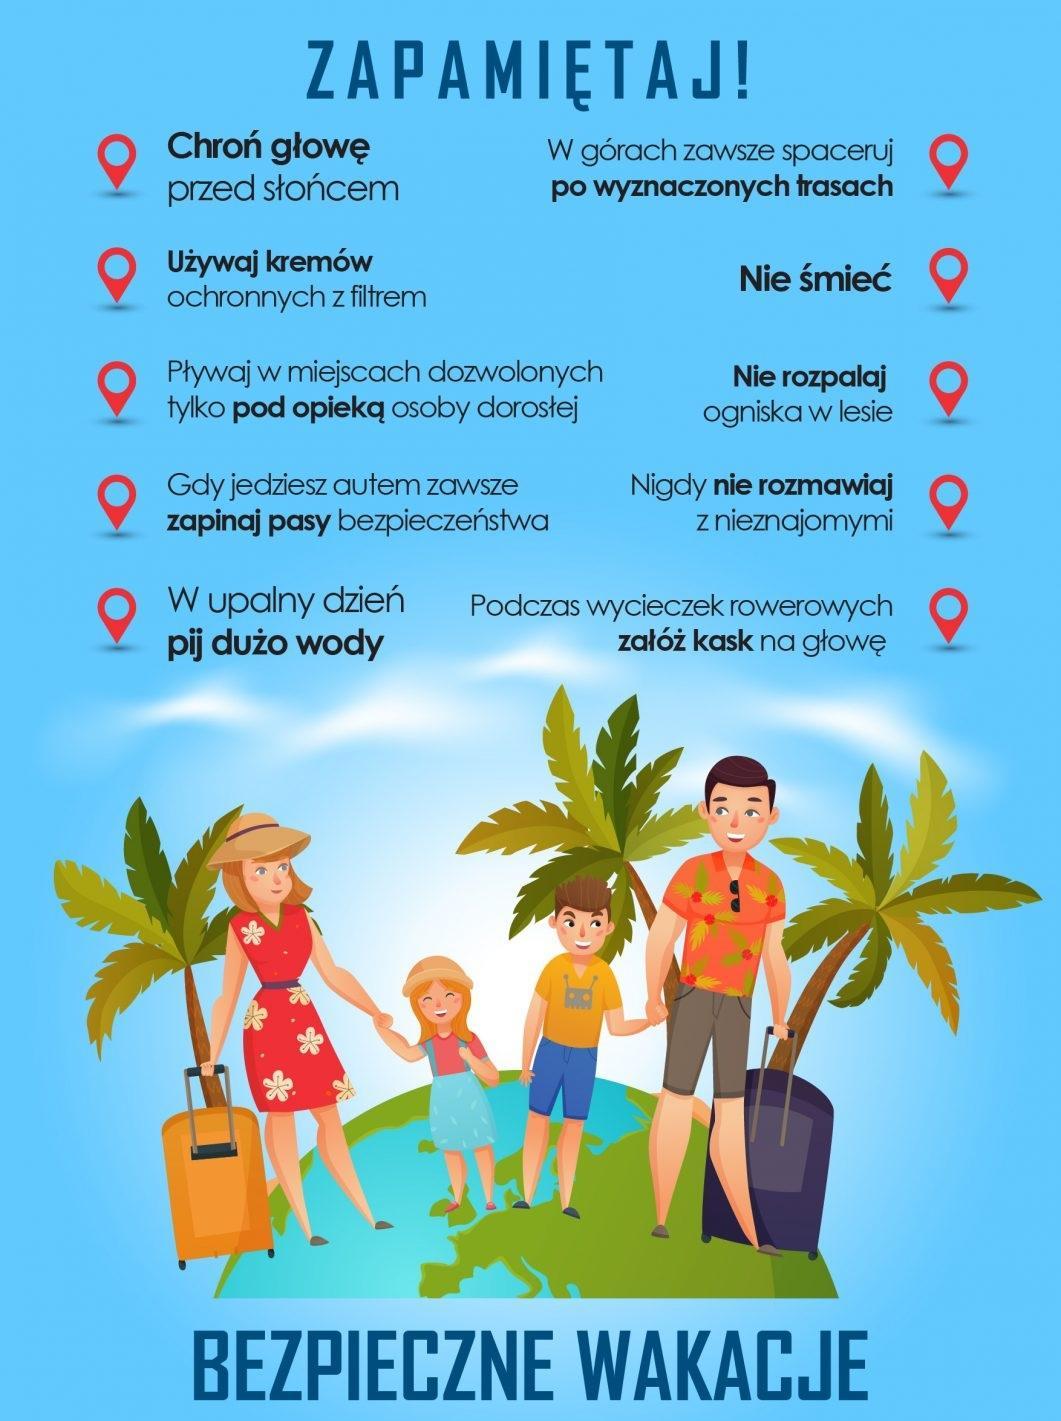 D:\Renia\Załącznik 2 - Plakat Bezpieczne wakacje.jpg